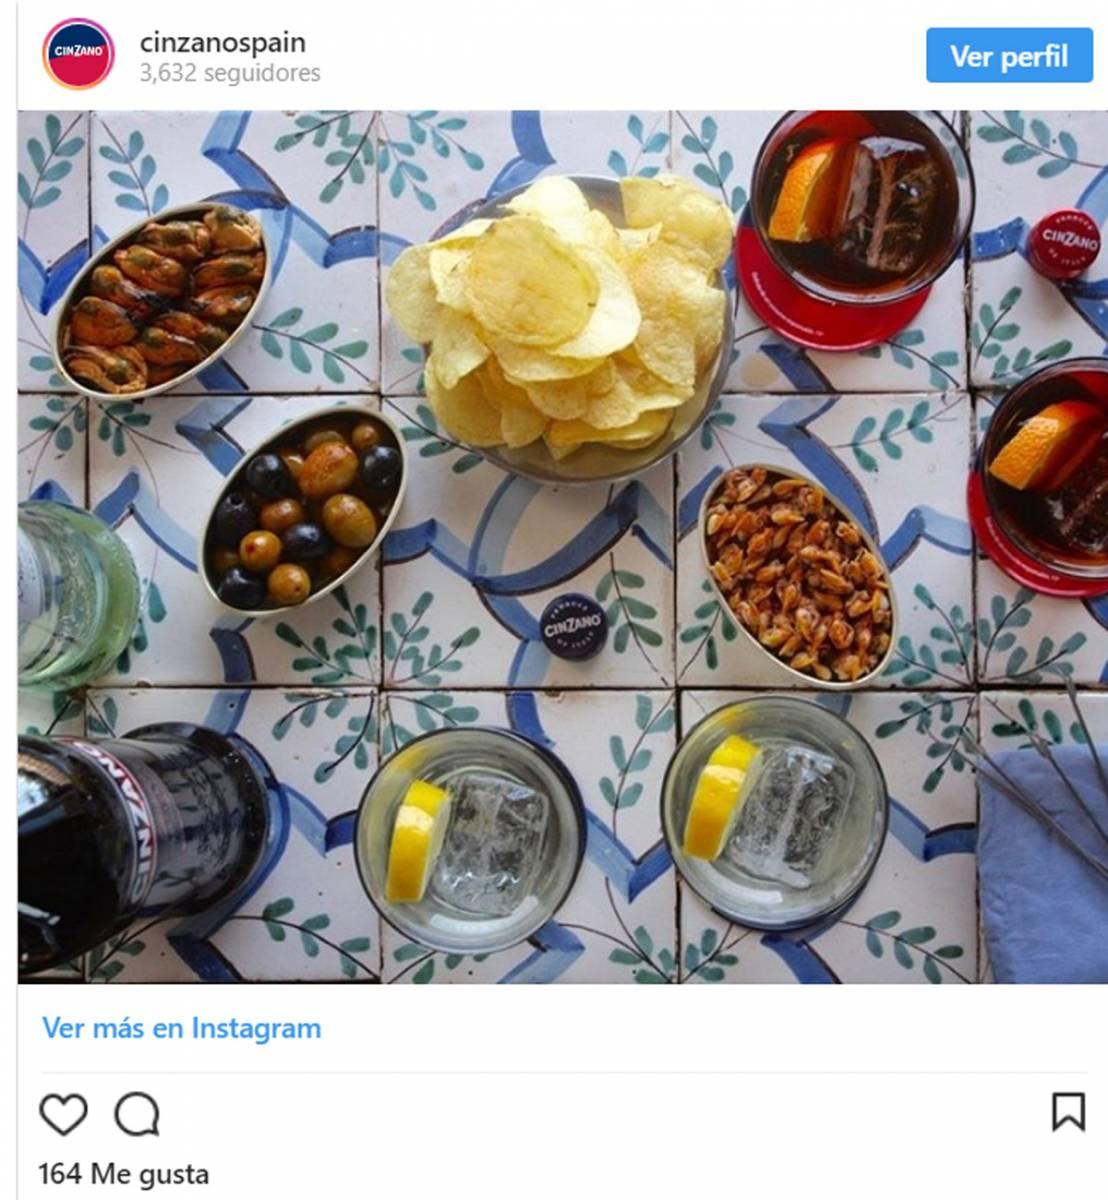 vermut aperitivo prominente